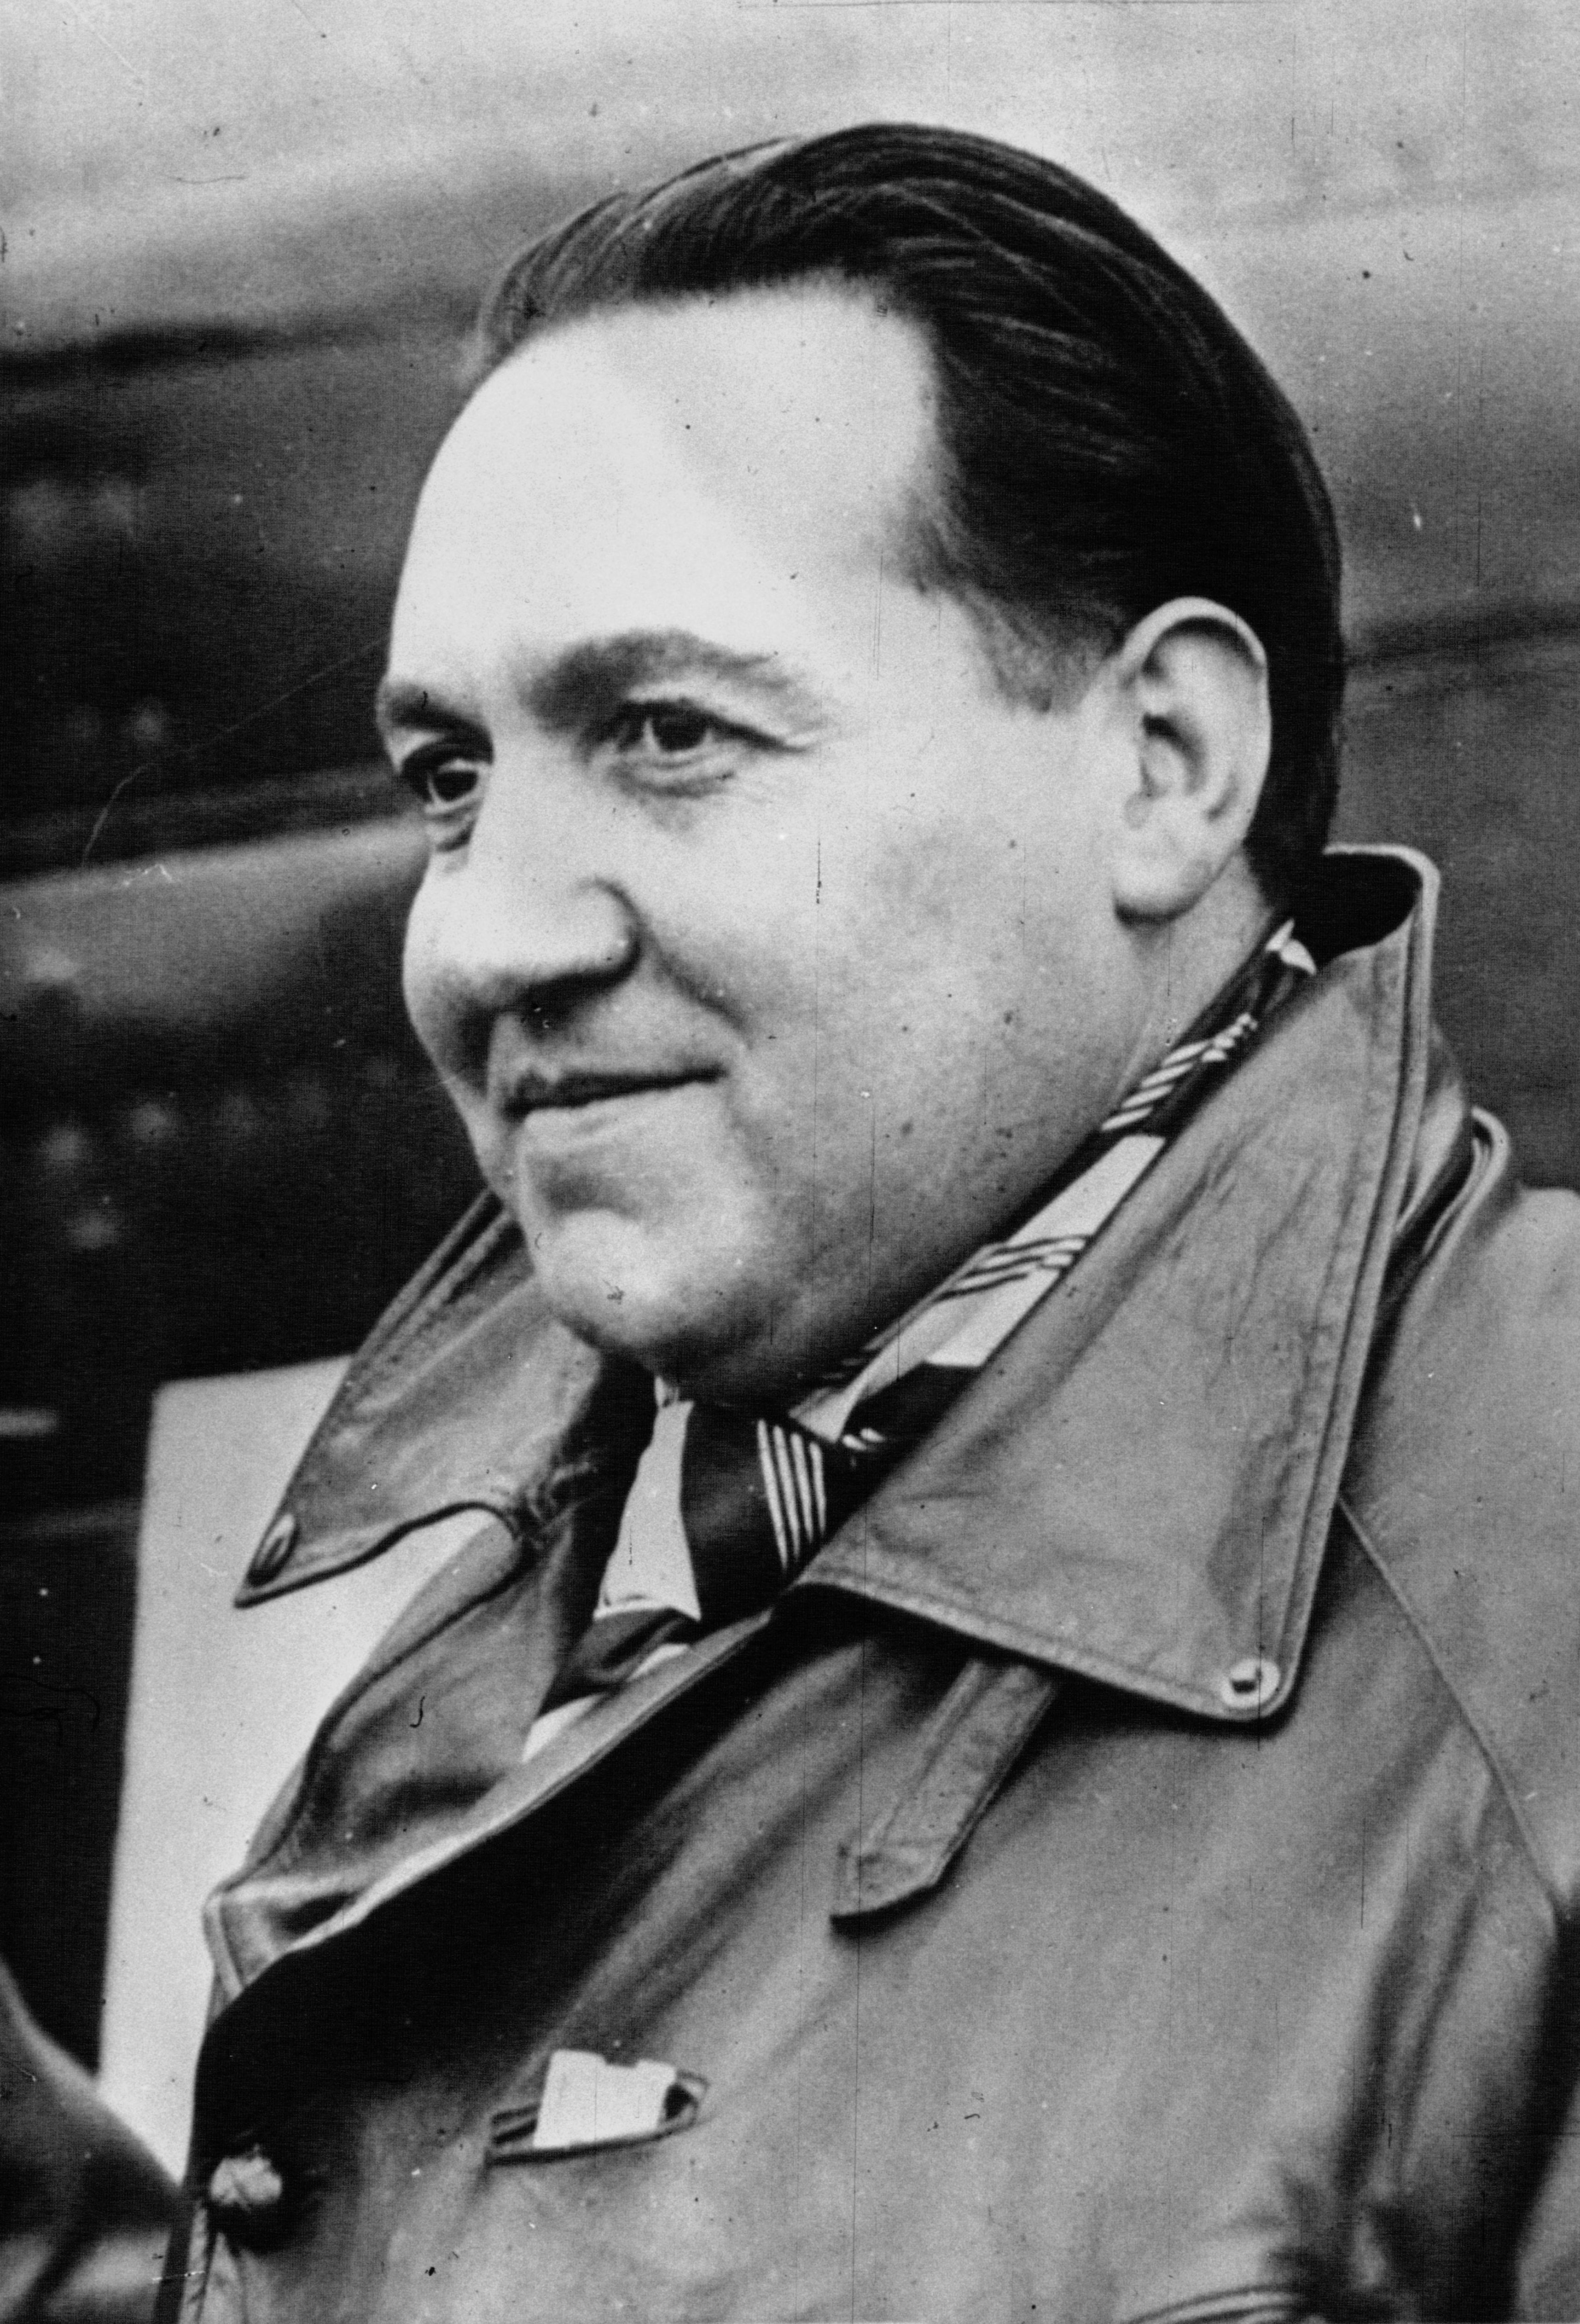 Paul Codos 1932